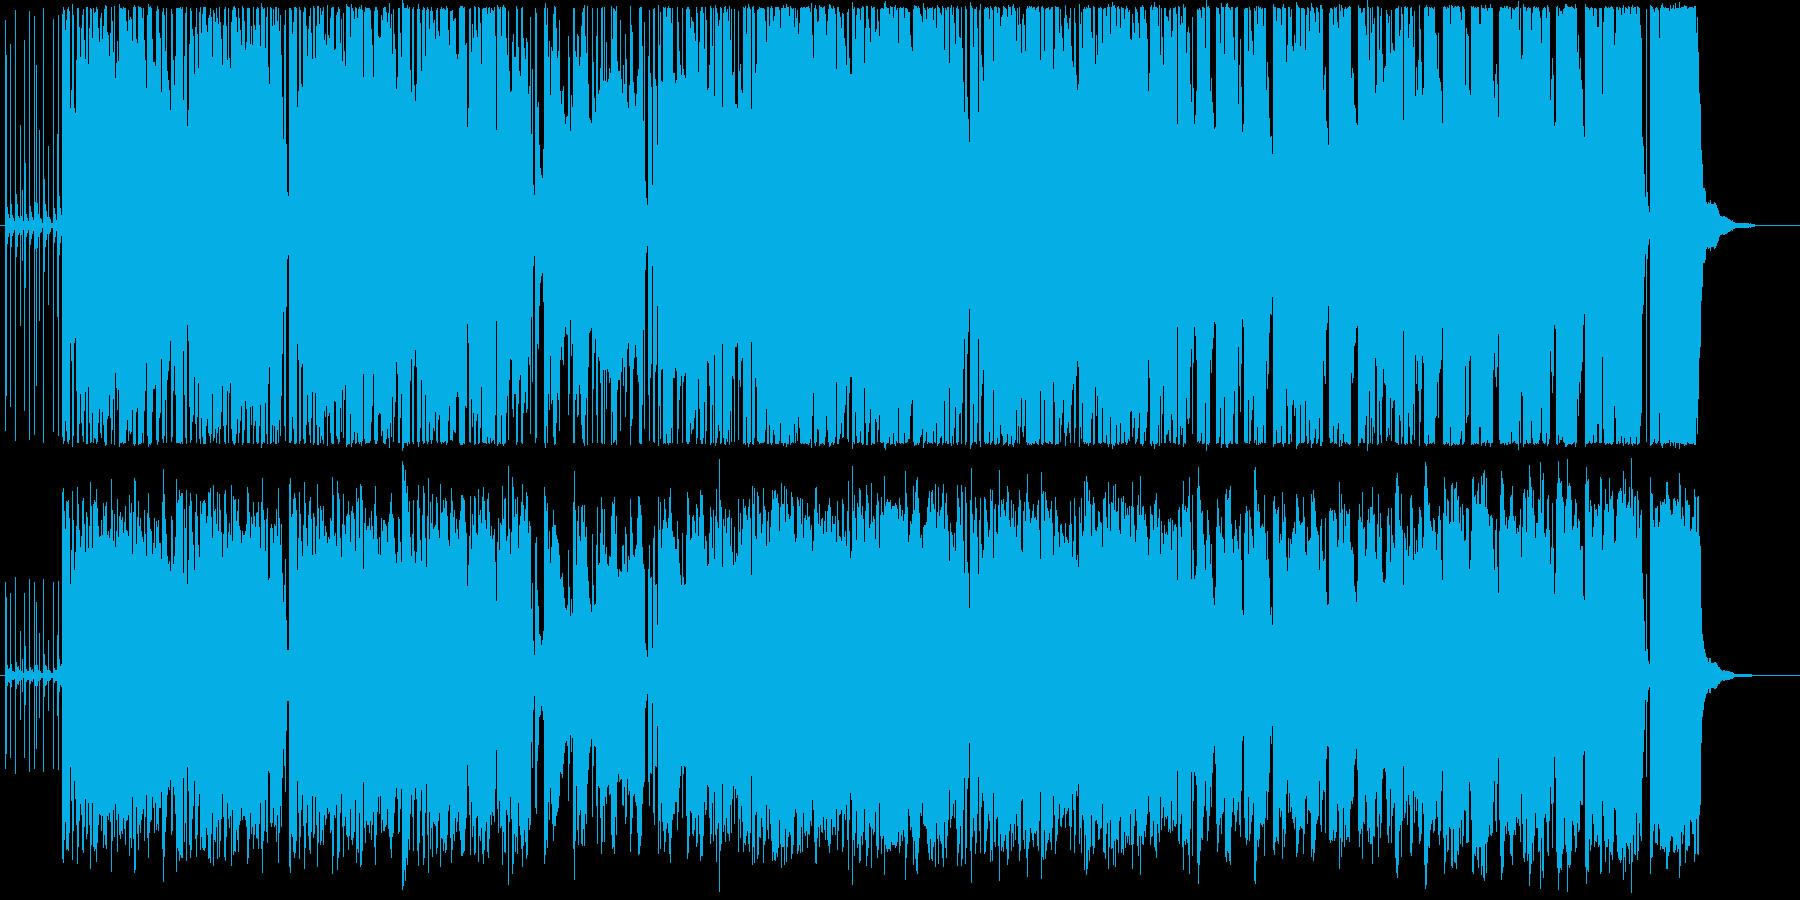 アイリッシュ、ケルト風の笛メインの曲の再生済みの波形